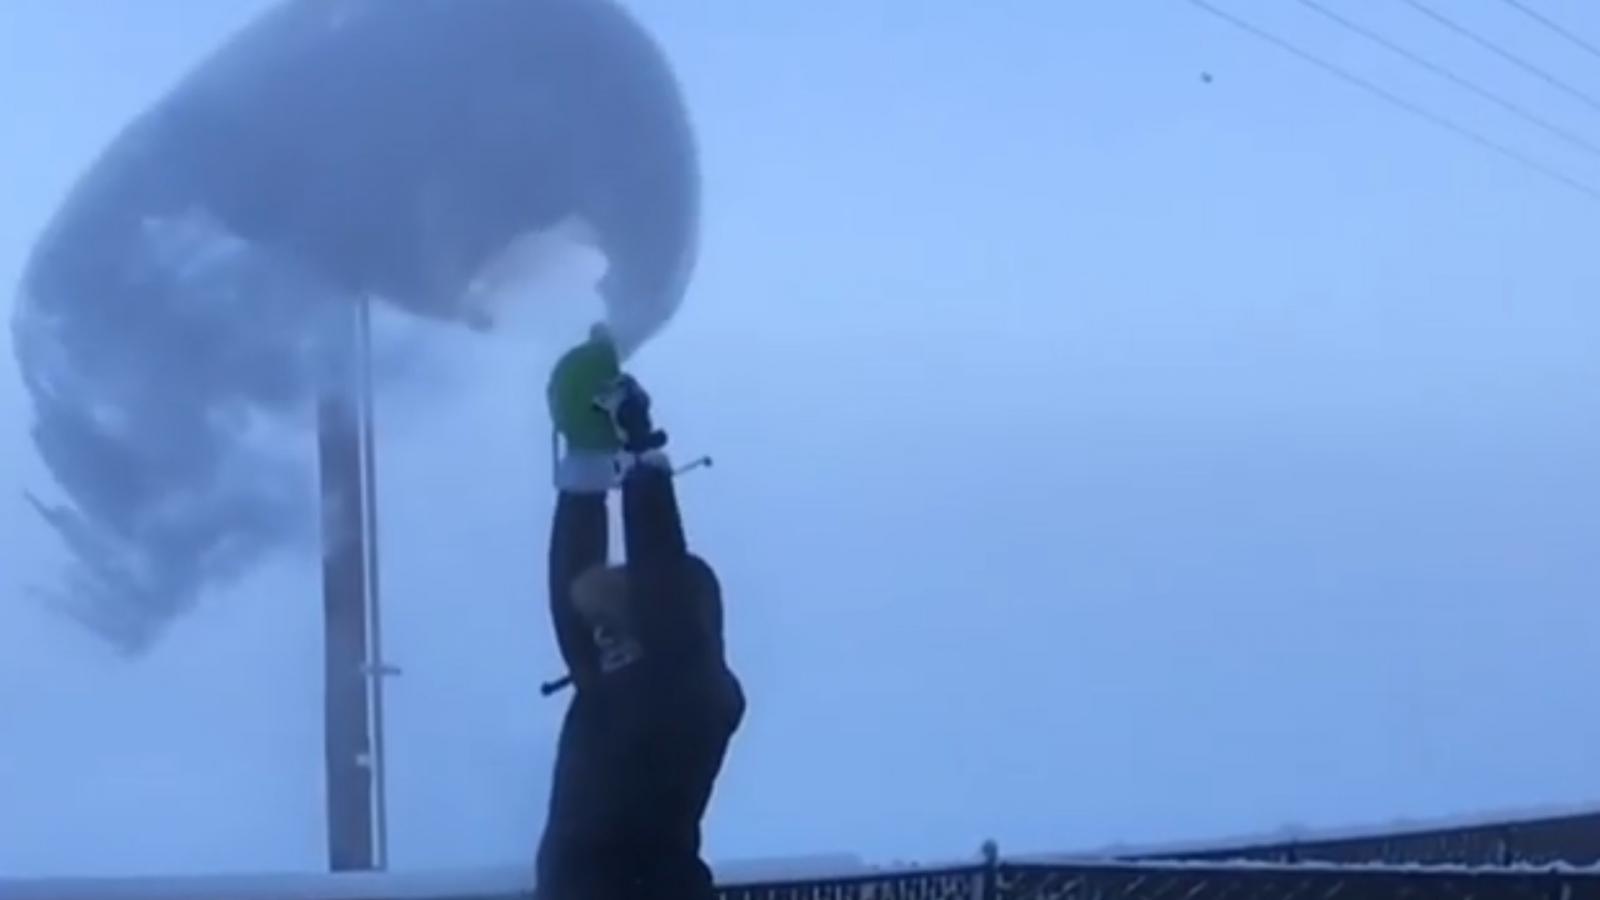 Sub-zero Alaskan temperatures instantly freeze water